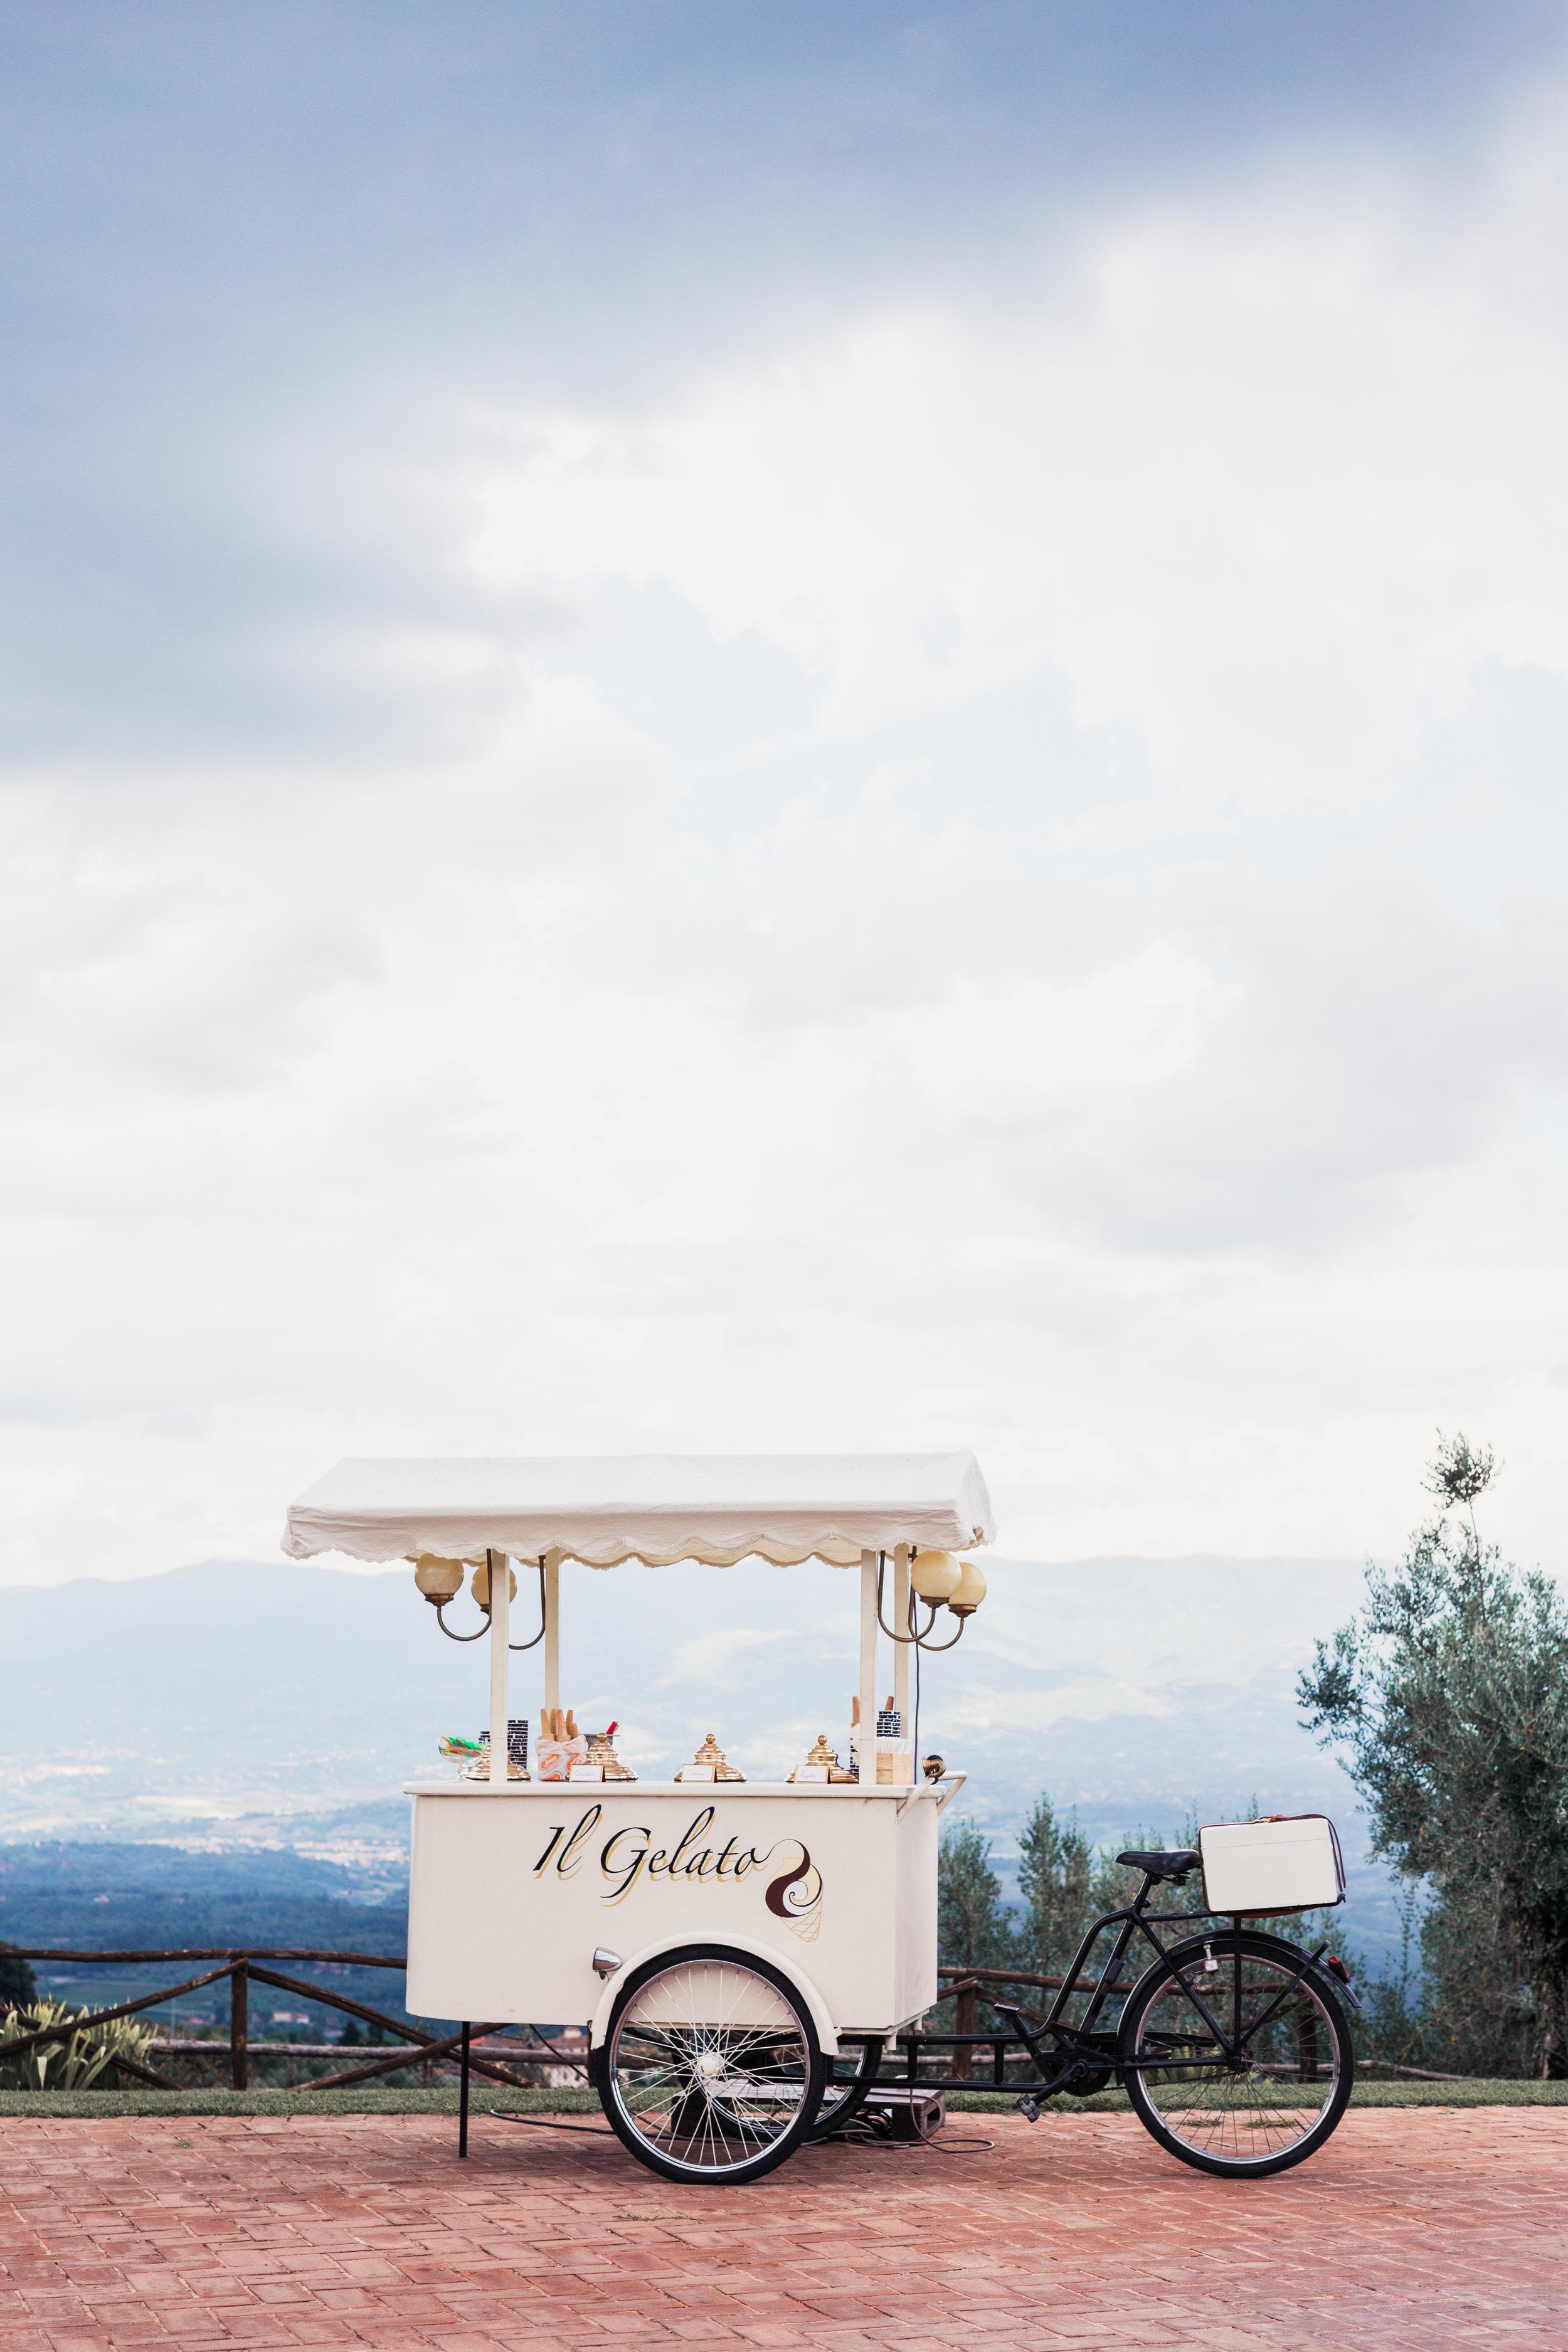 Eiswagen in der Toskana